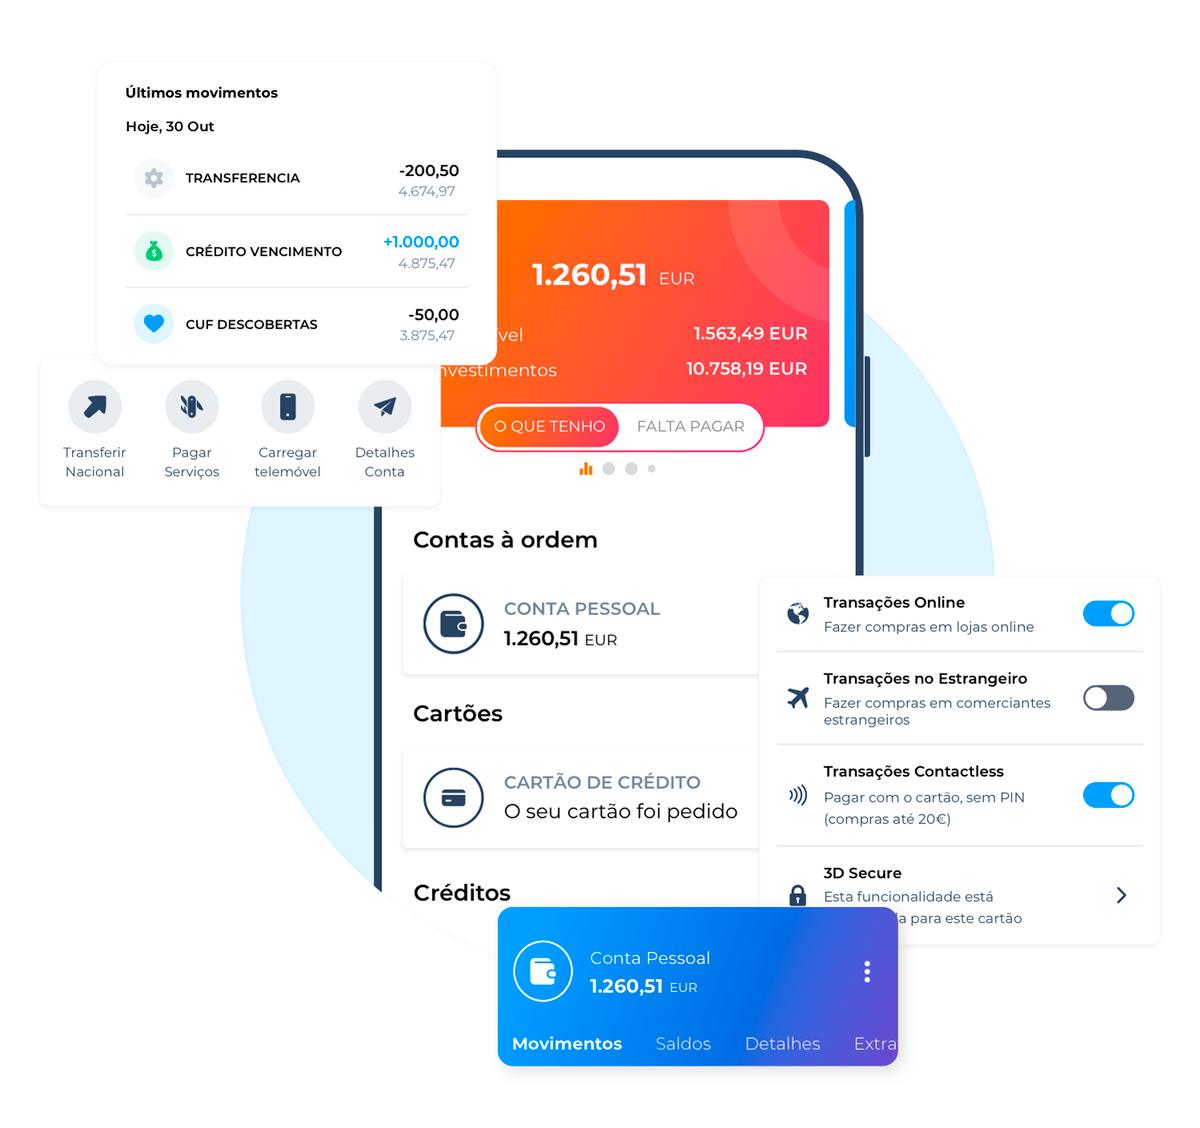 У Activo Bank удобное мобильное приложение: в нем можно, например, оплачивать коммунальные услуги, переводить деньги, устанавливать лимиты и отслеживать траты. Скриншот сделала на сайте банка, потомучто само приложение делать скриншоты запрещает